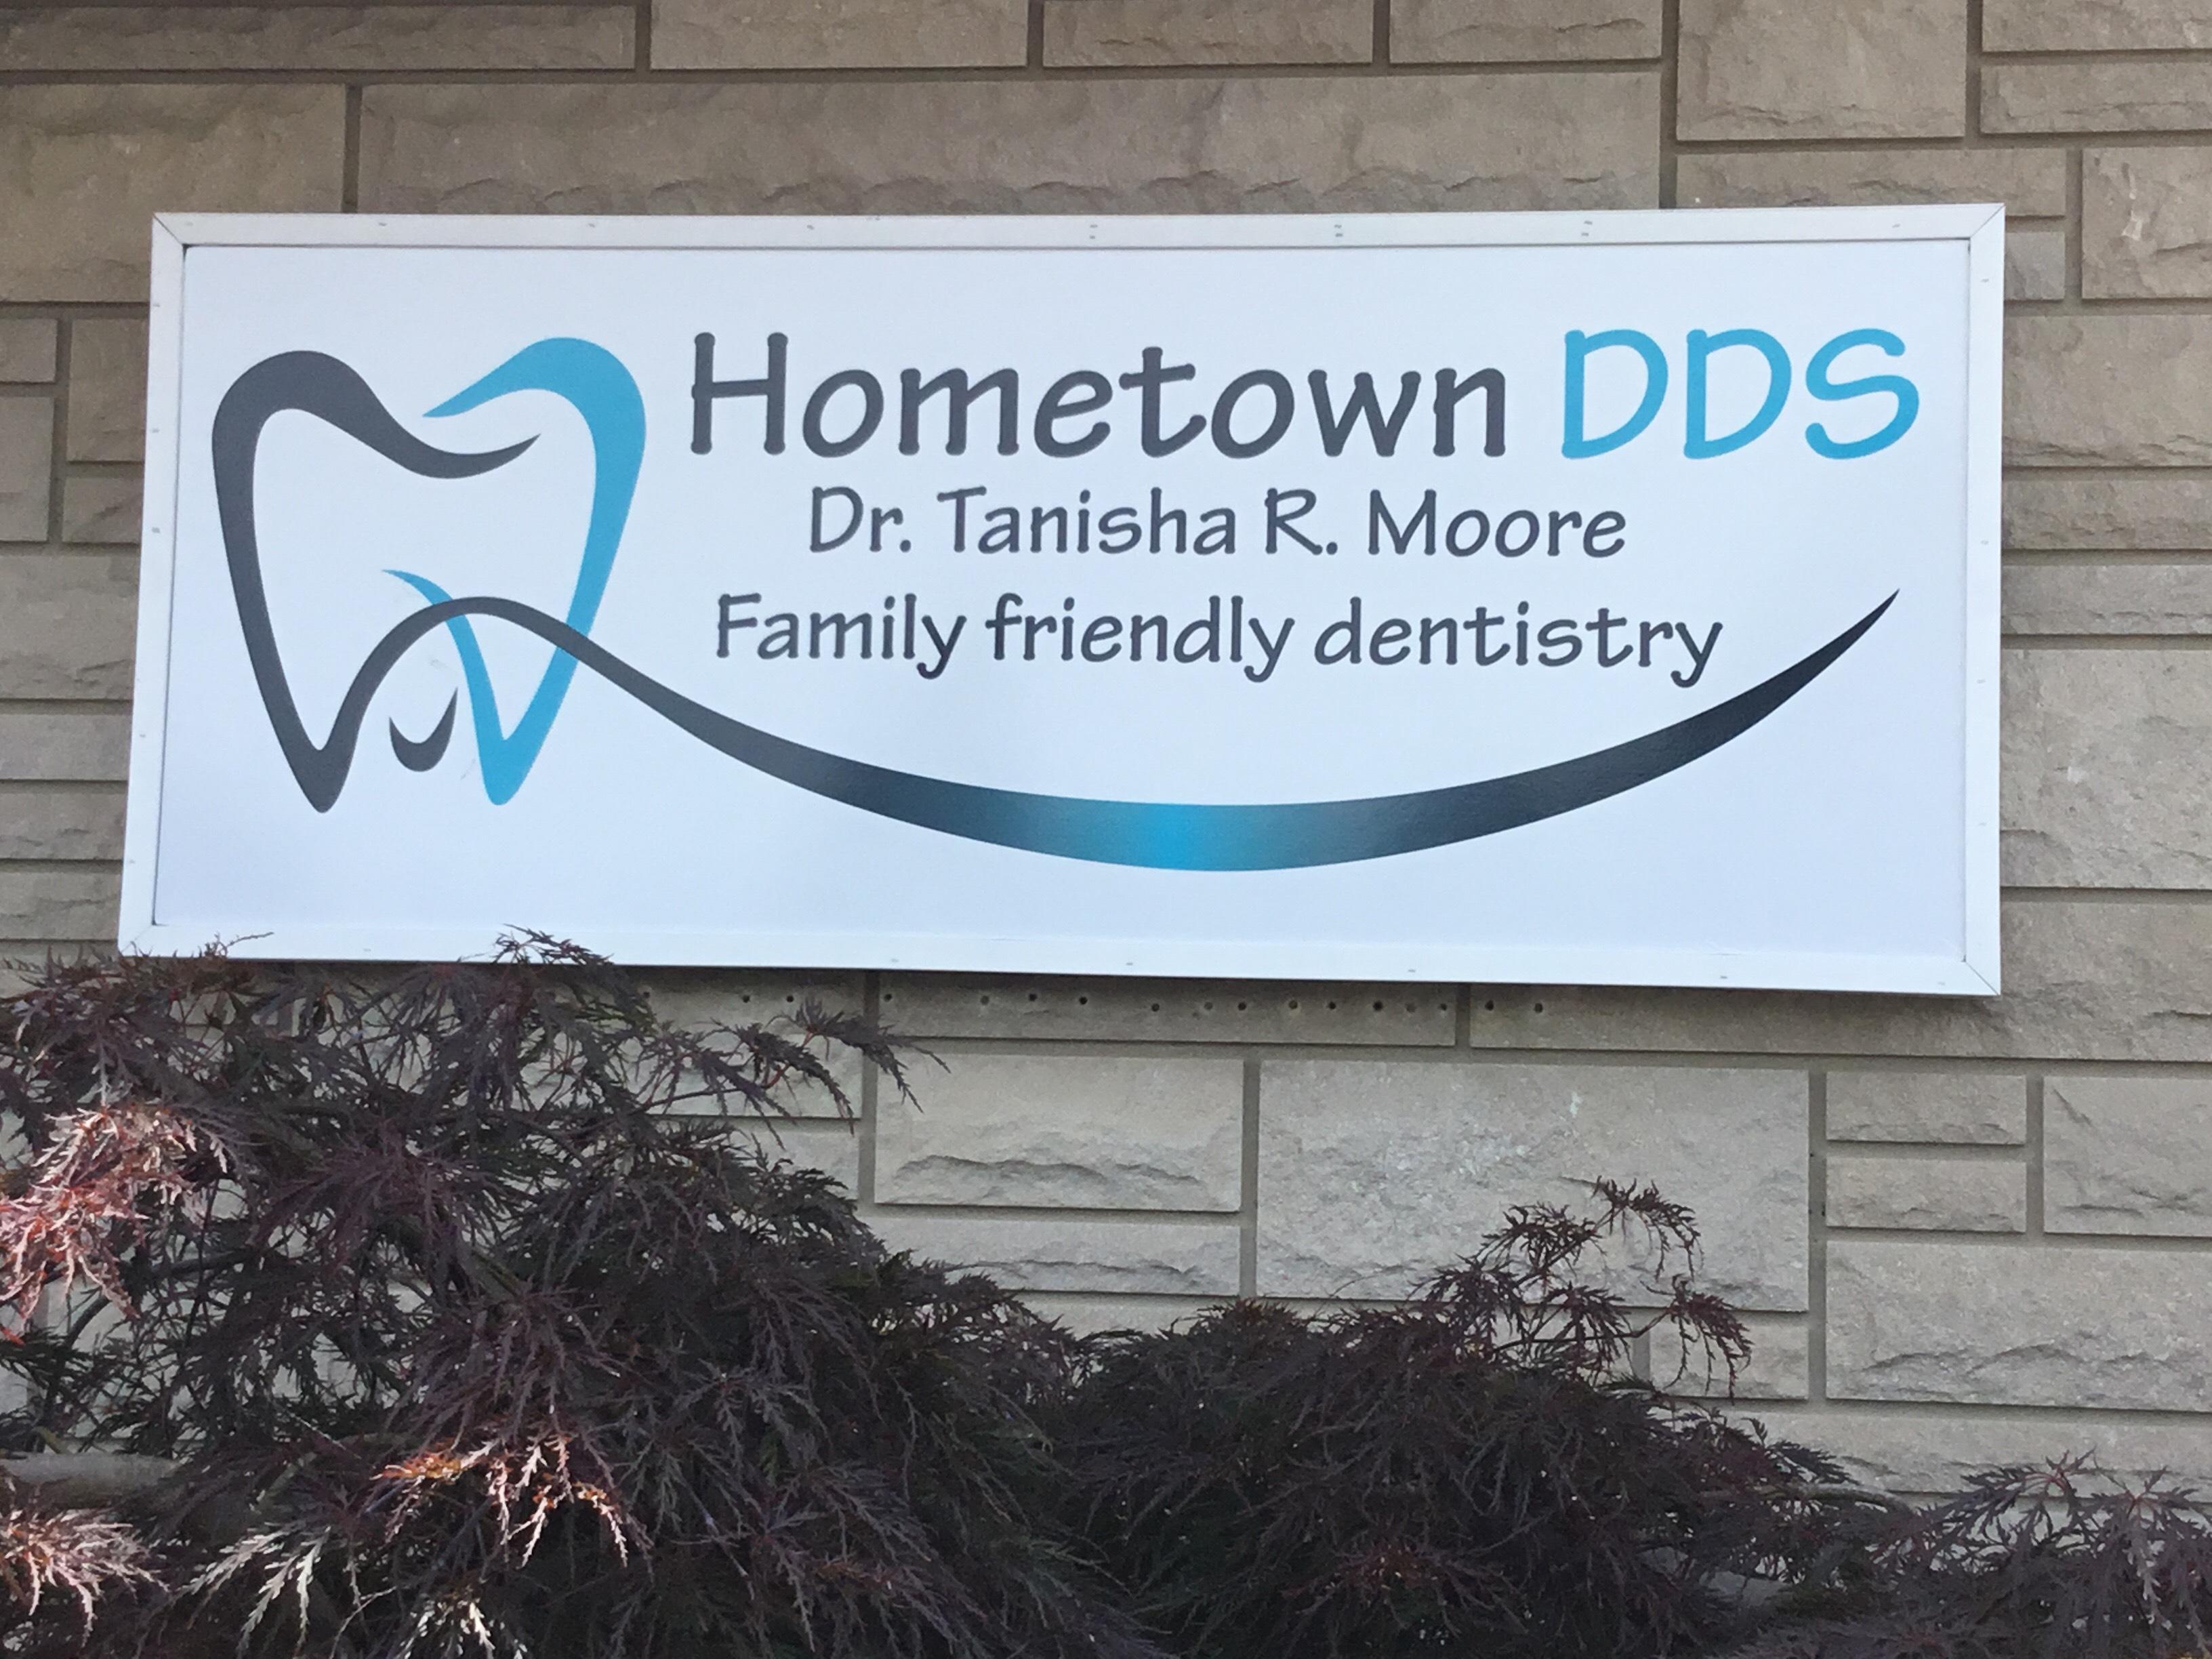 Hometown DDS image 3